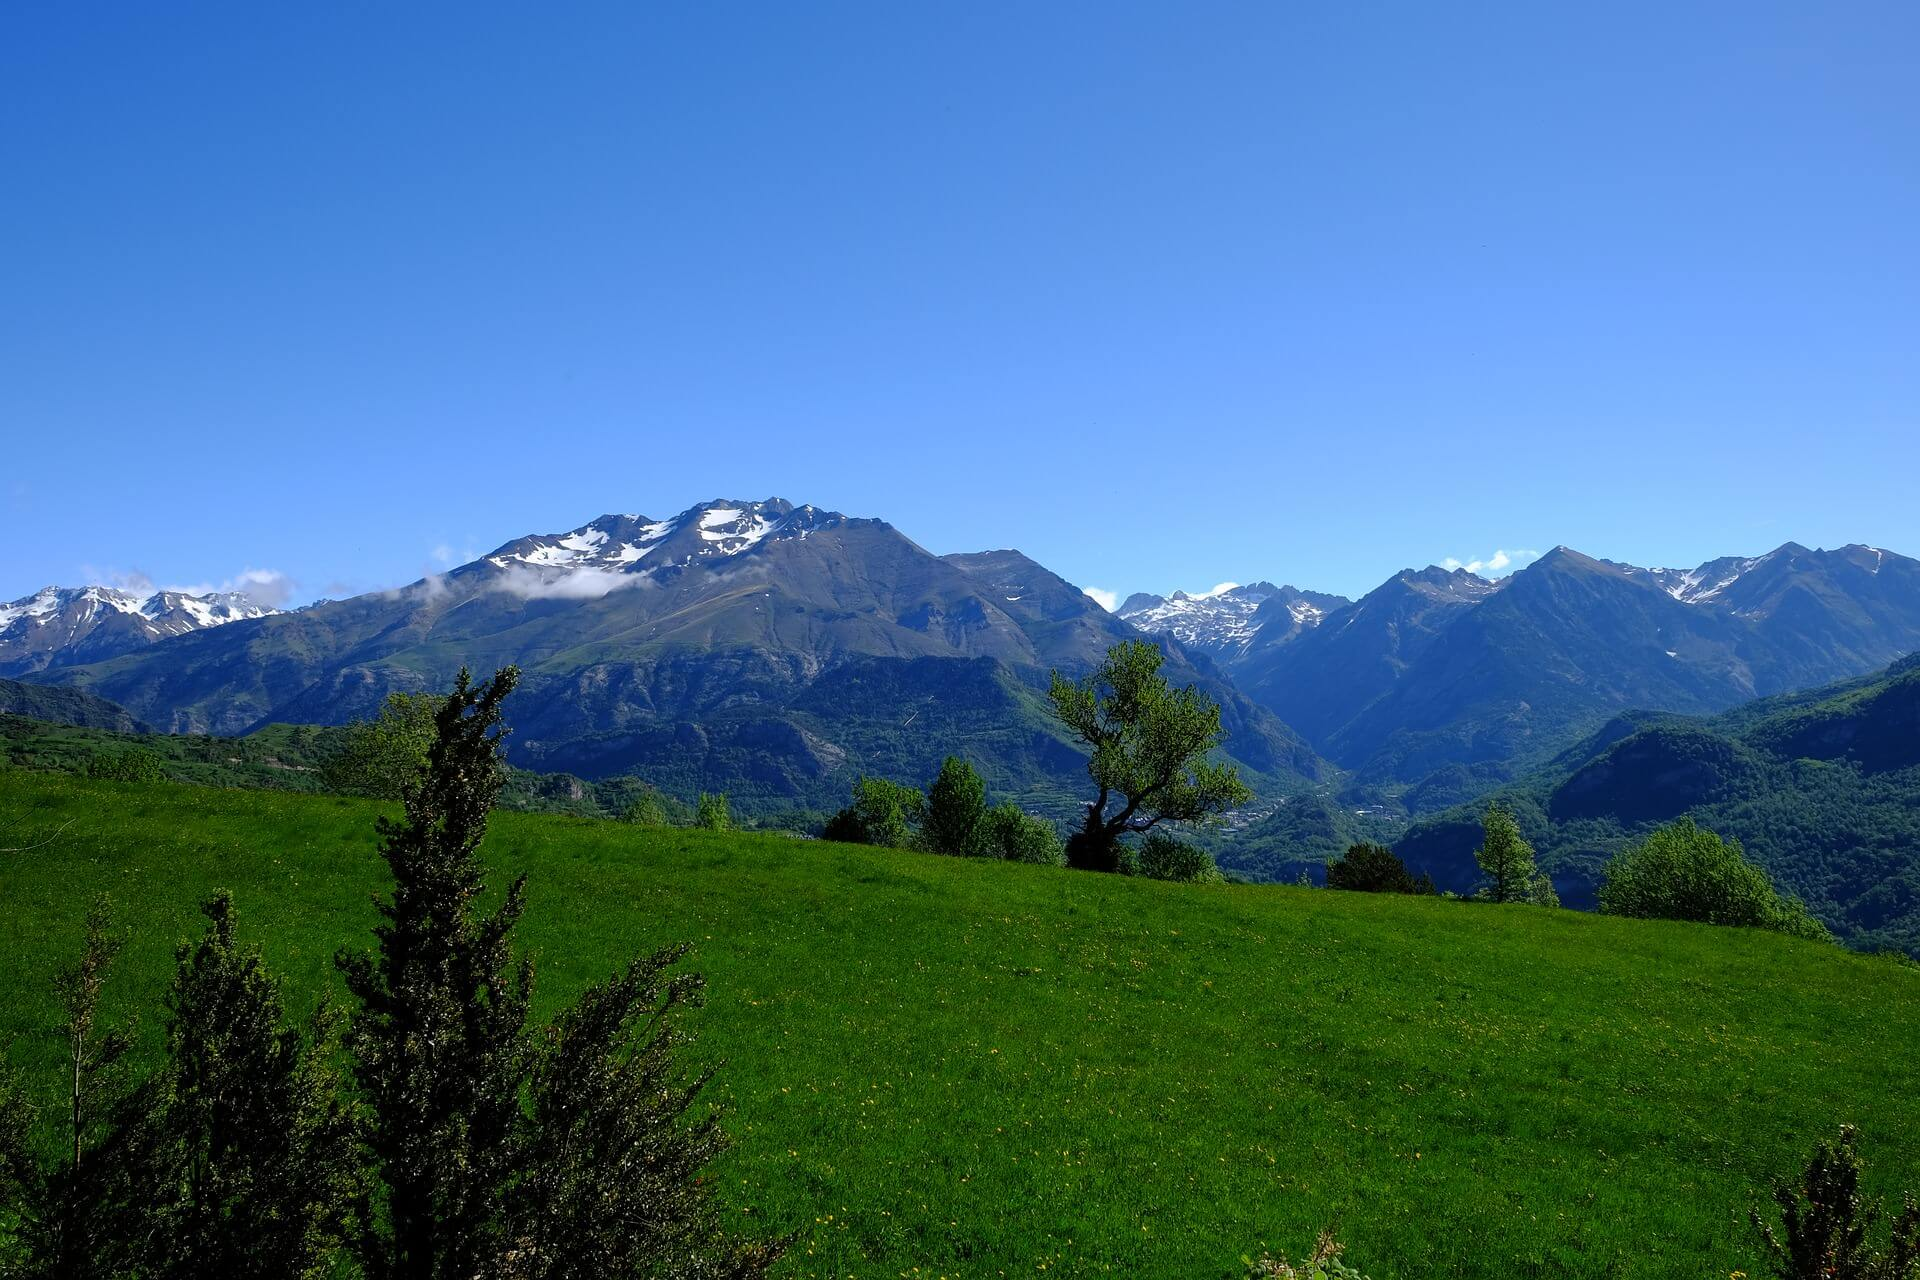 4 fantastiske Vandreområder tæt på 4 af Europas storbyer.